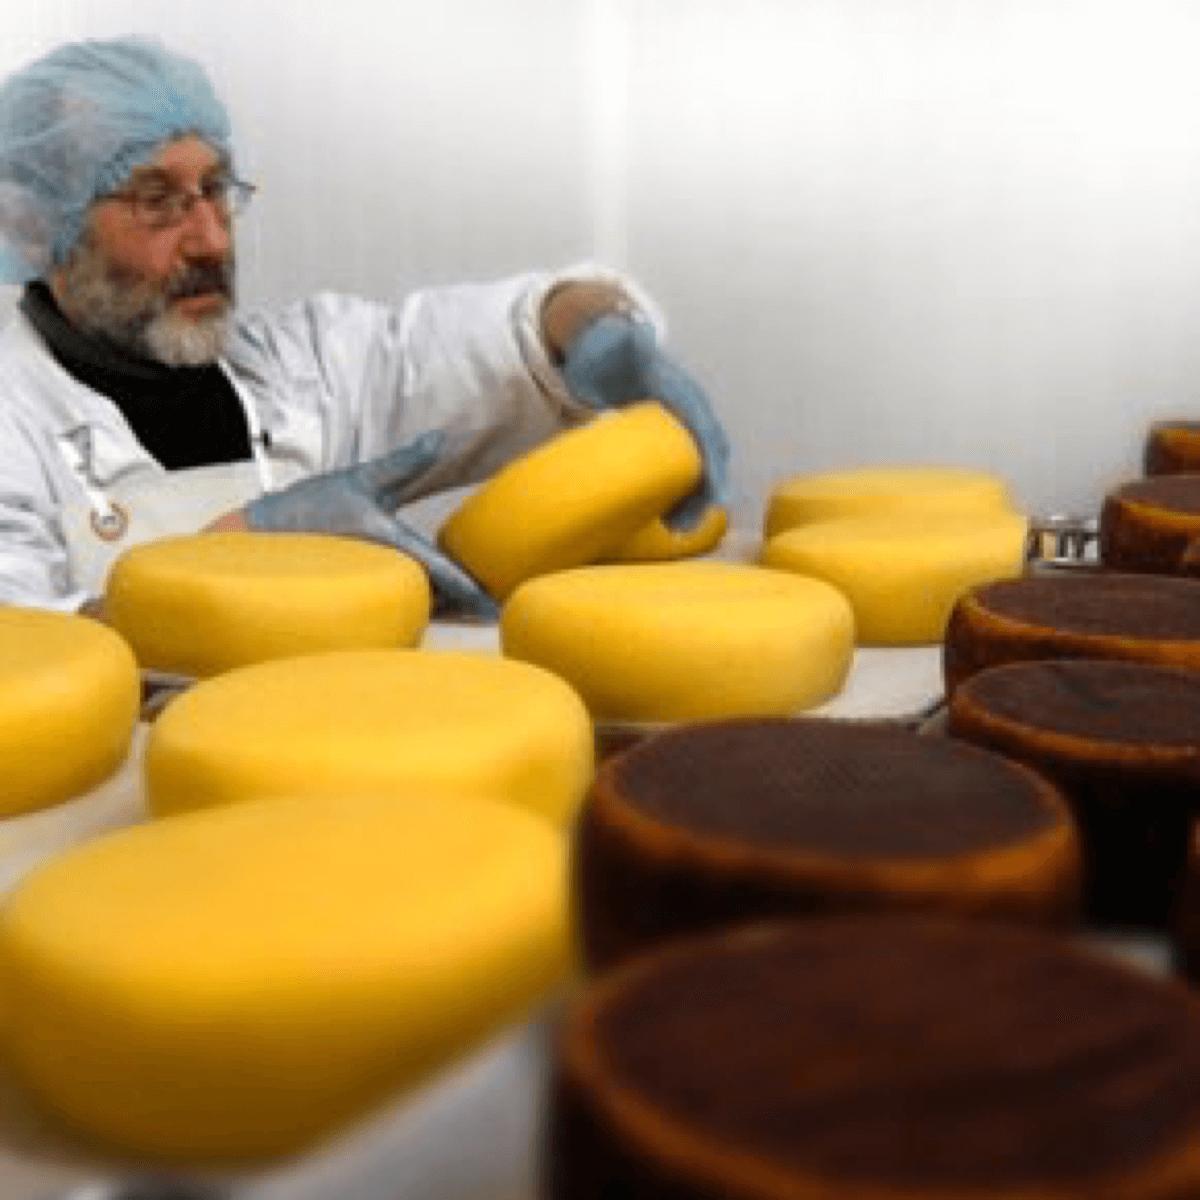 Les moines de l'abbaye de Timadeuc produisent du fromage artisanalement depuis 1841